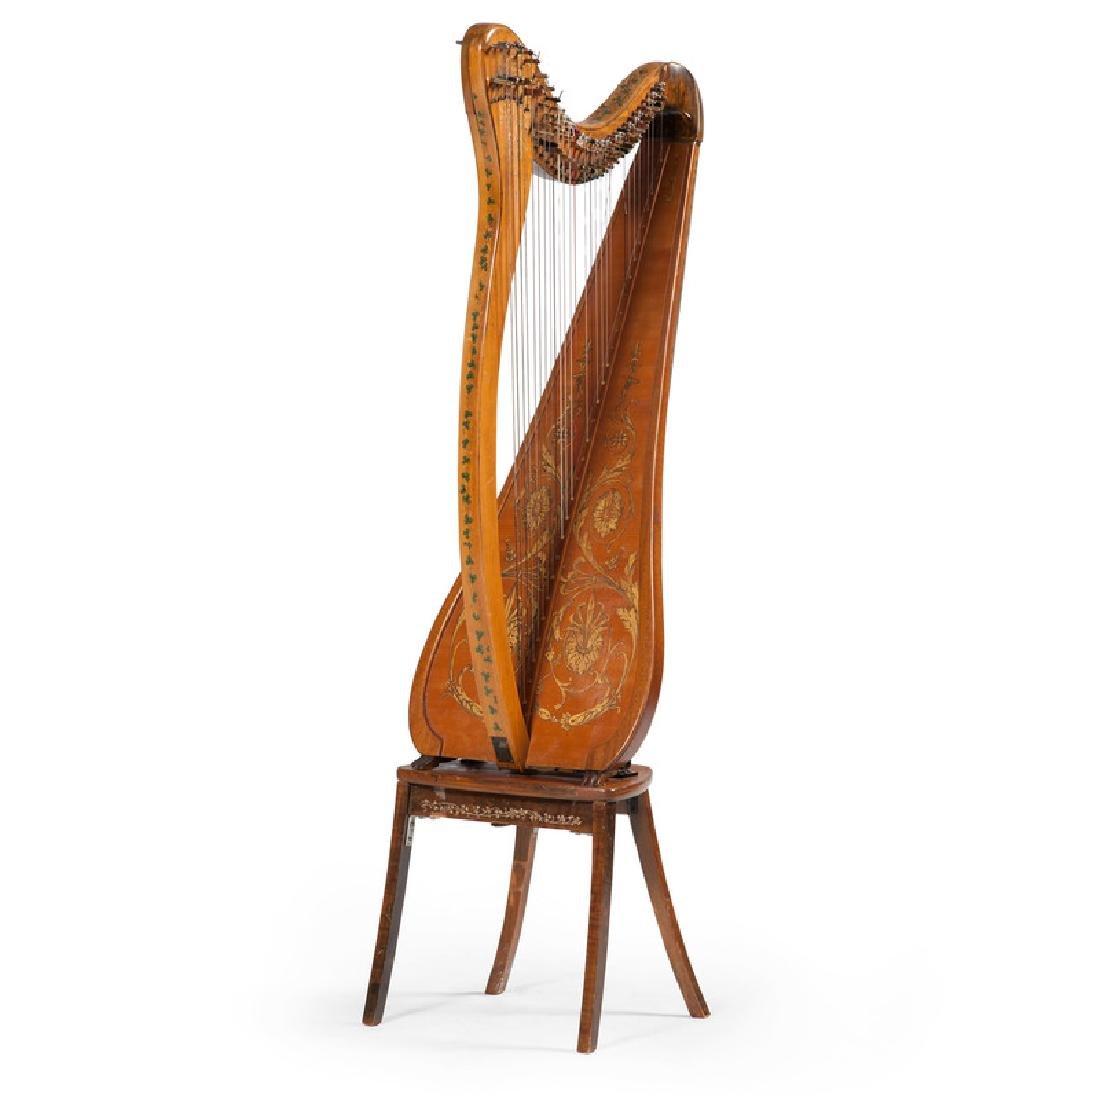 Clark Irish Harp by Lyon & Healy